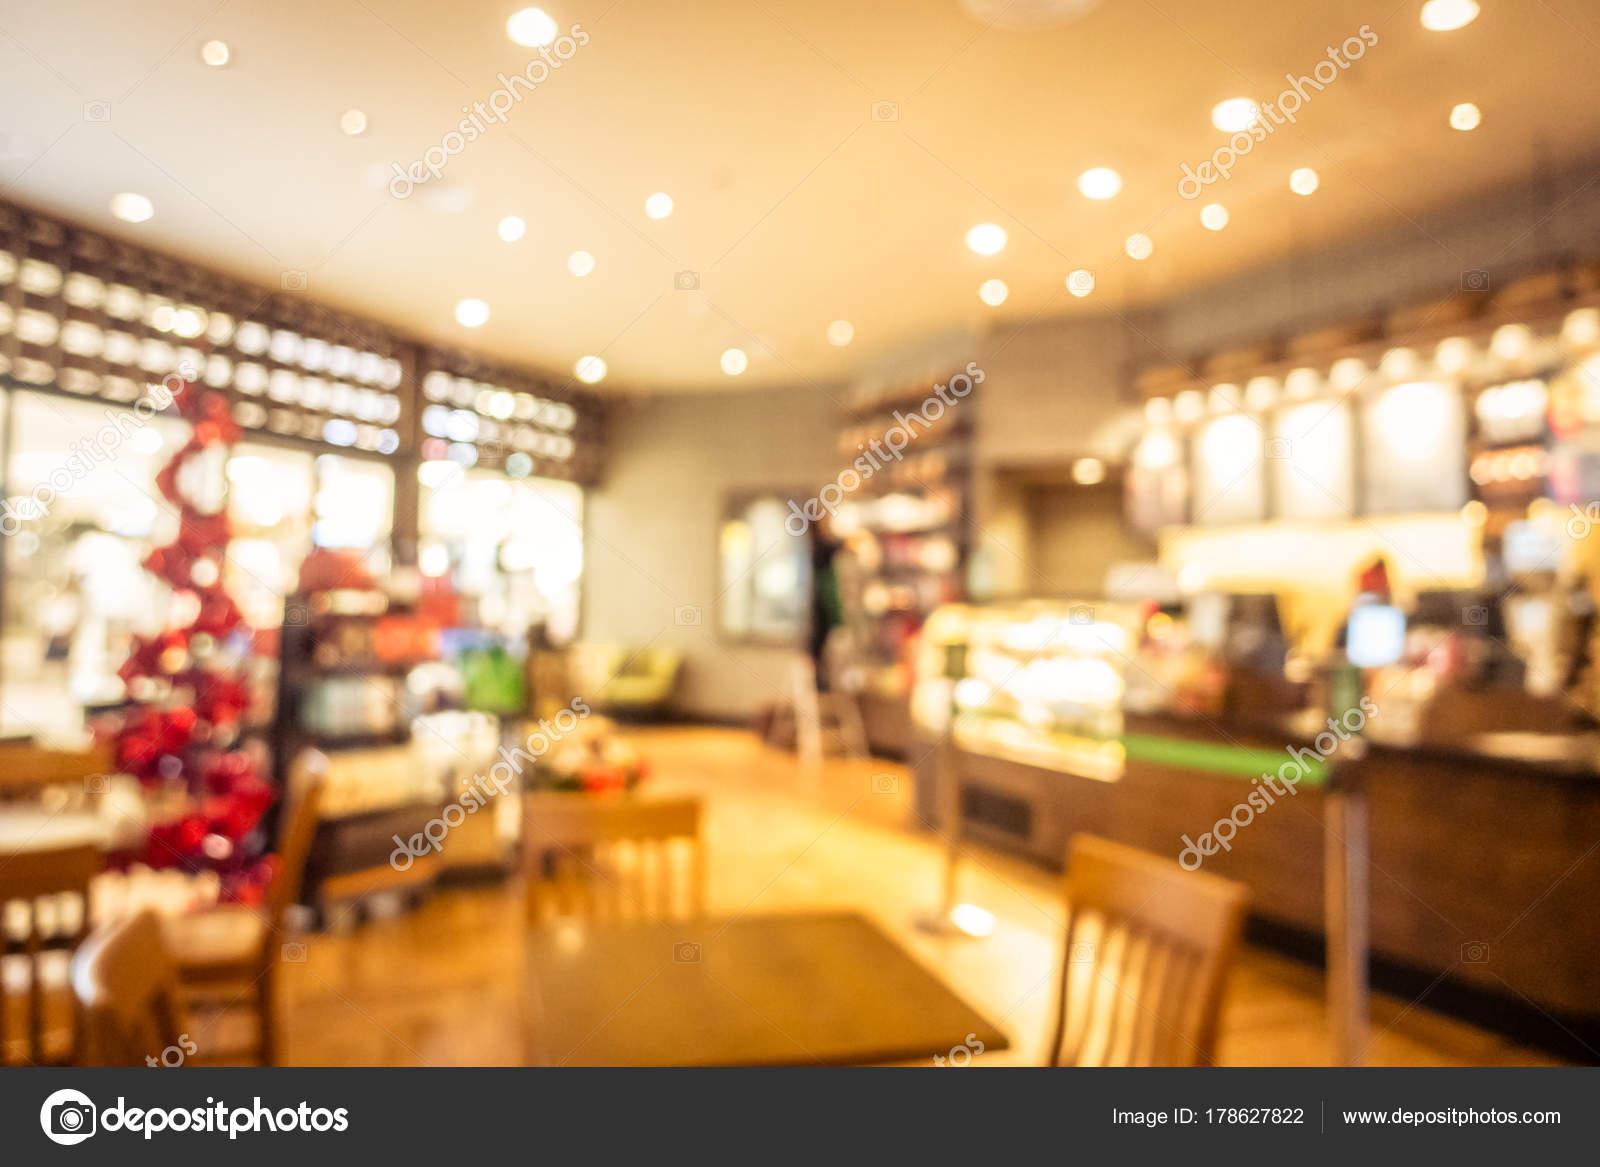 Abstract Verwischen Café Und Restaurant Interieur Für Hintergrund ...